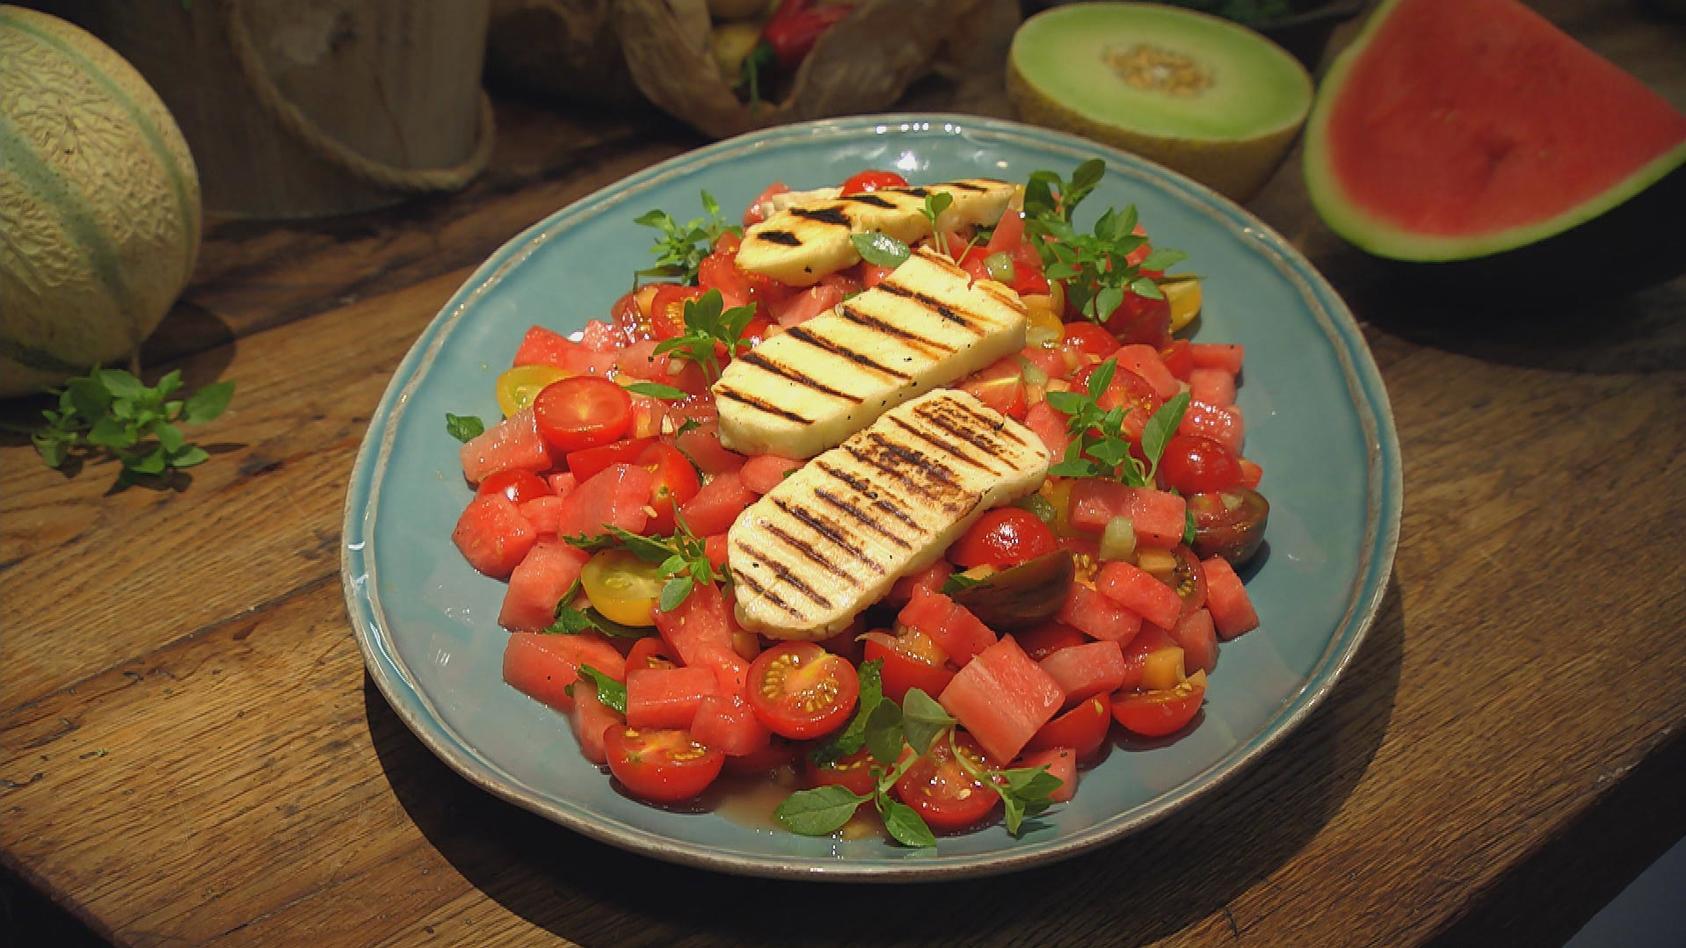 Herrlich Melonig – Exotische Frische in der Küche: Tomaten-Melonen-Salat mit Grillkäse